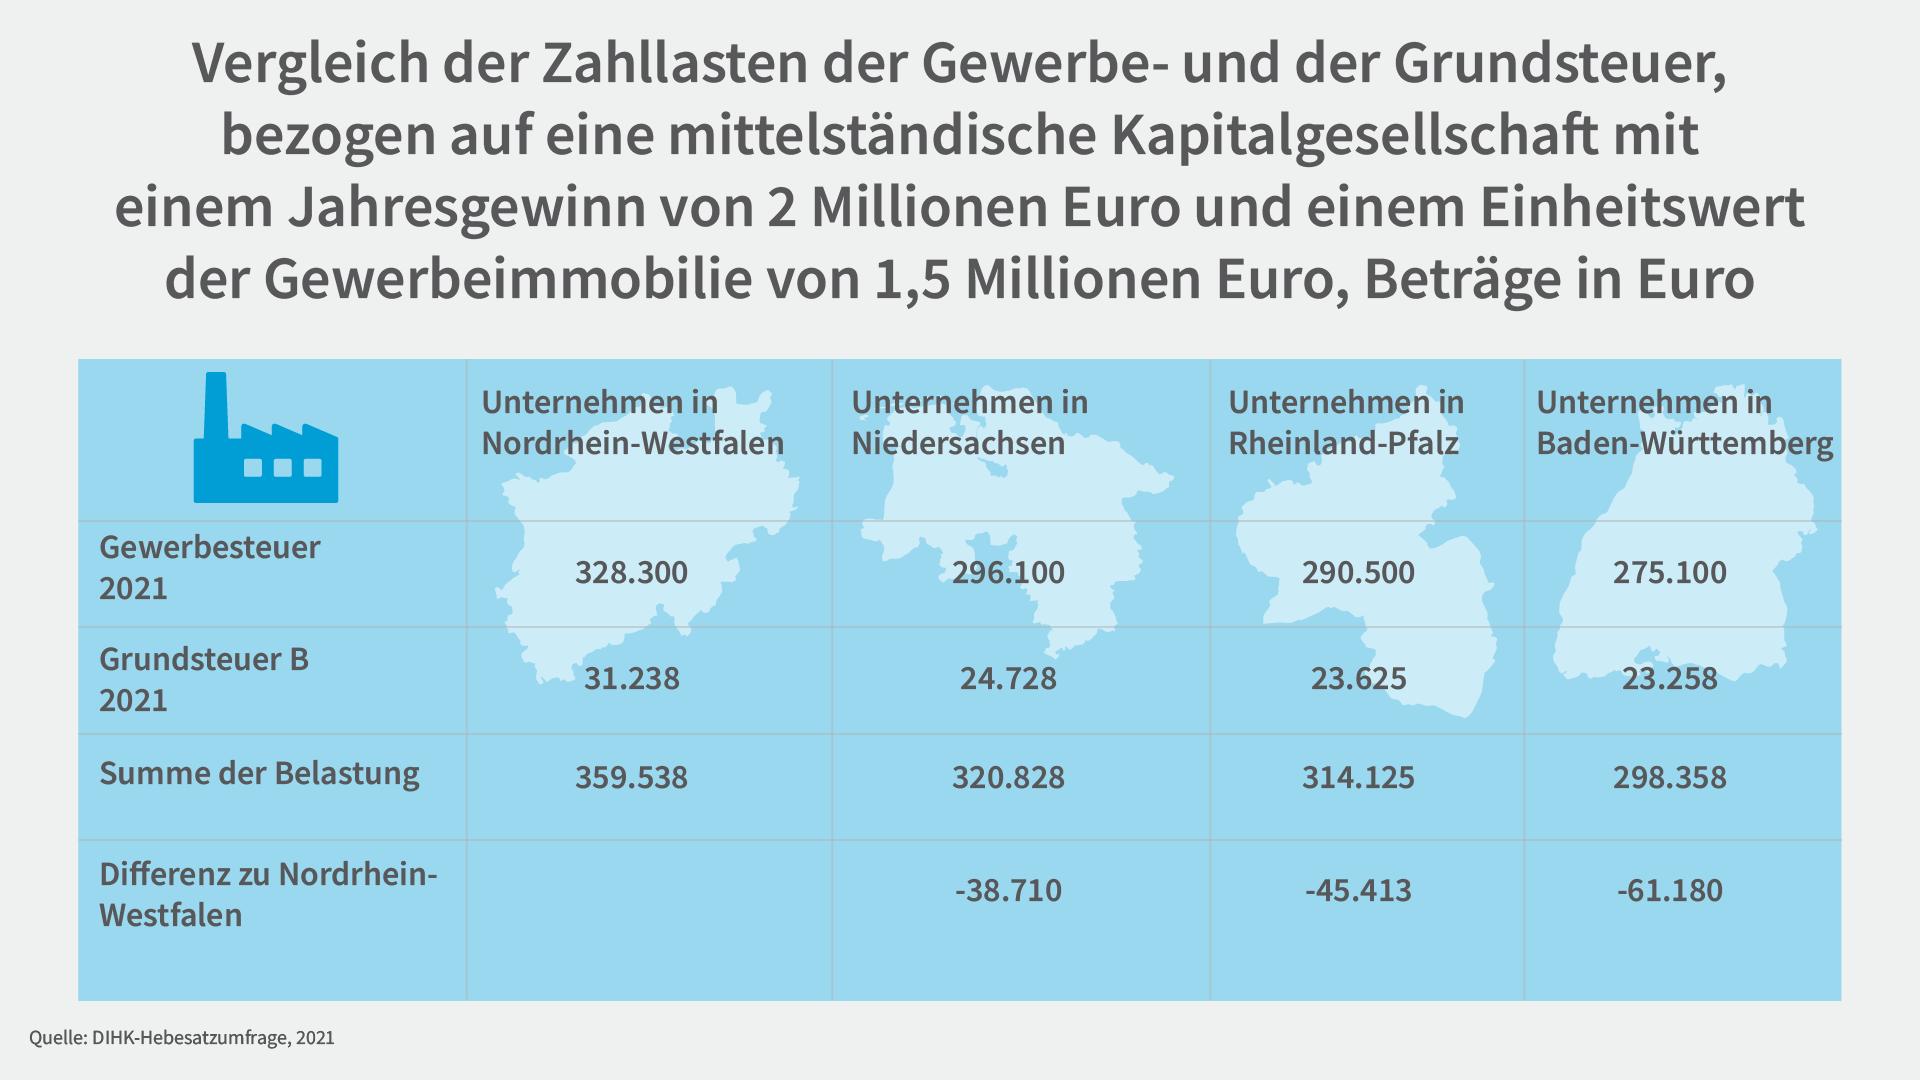 Unterschiede in den Hebesätzen 2021 zwischen NRW und drei anderen Flächenländern